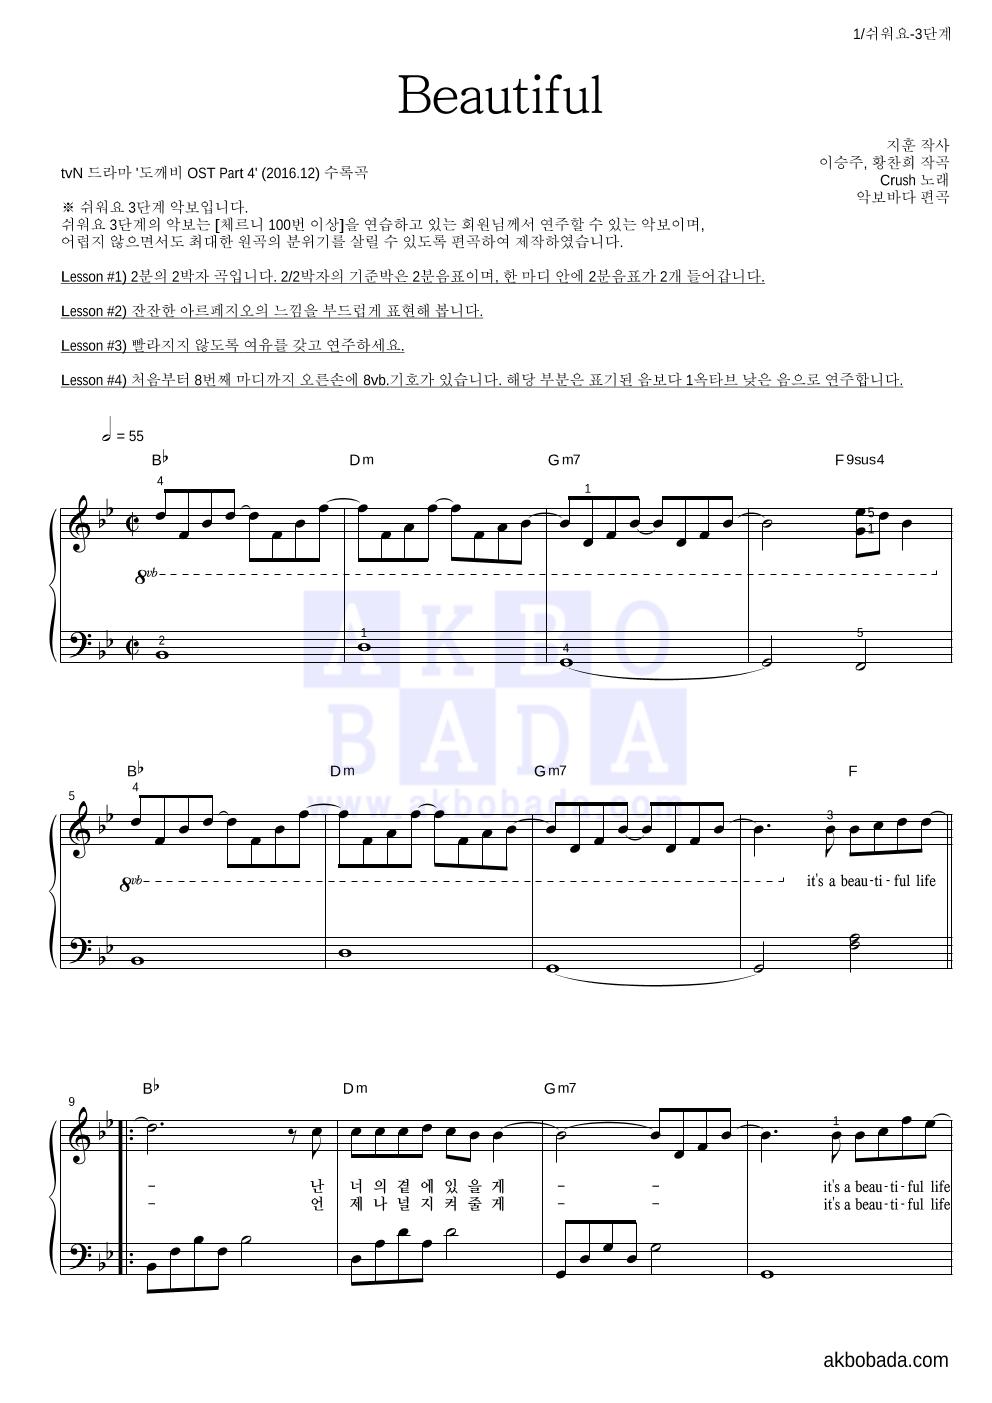 크러쉬 - Beautiful 피아노2단-쉬워요 악보